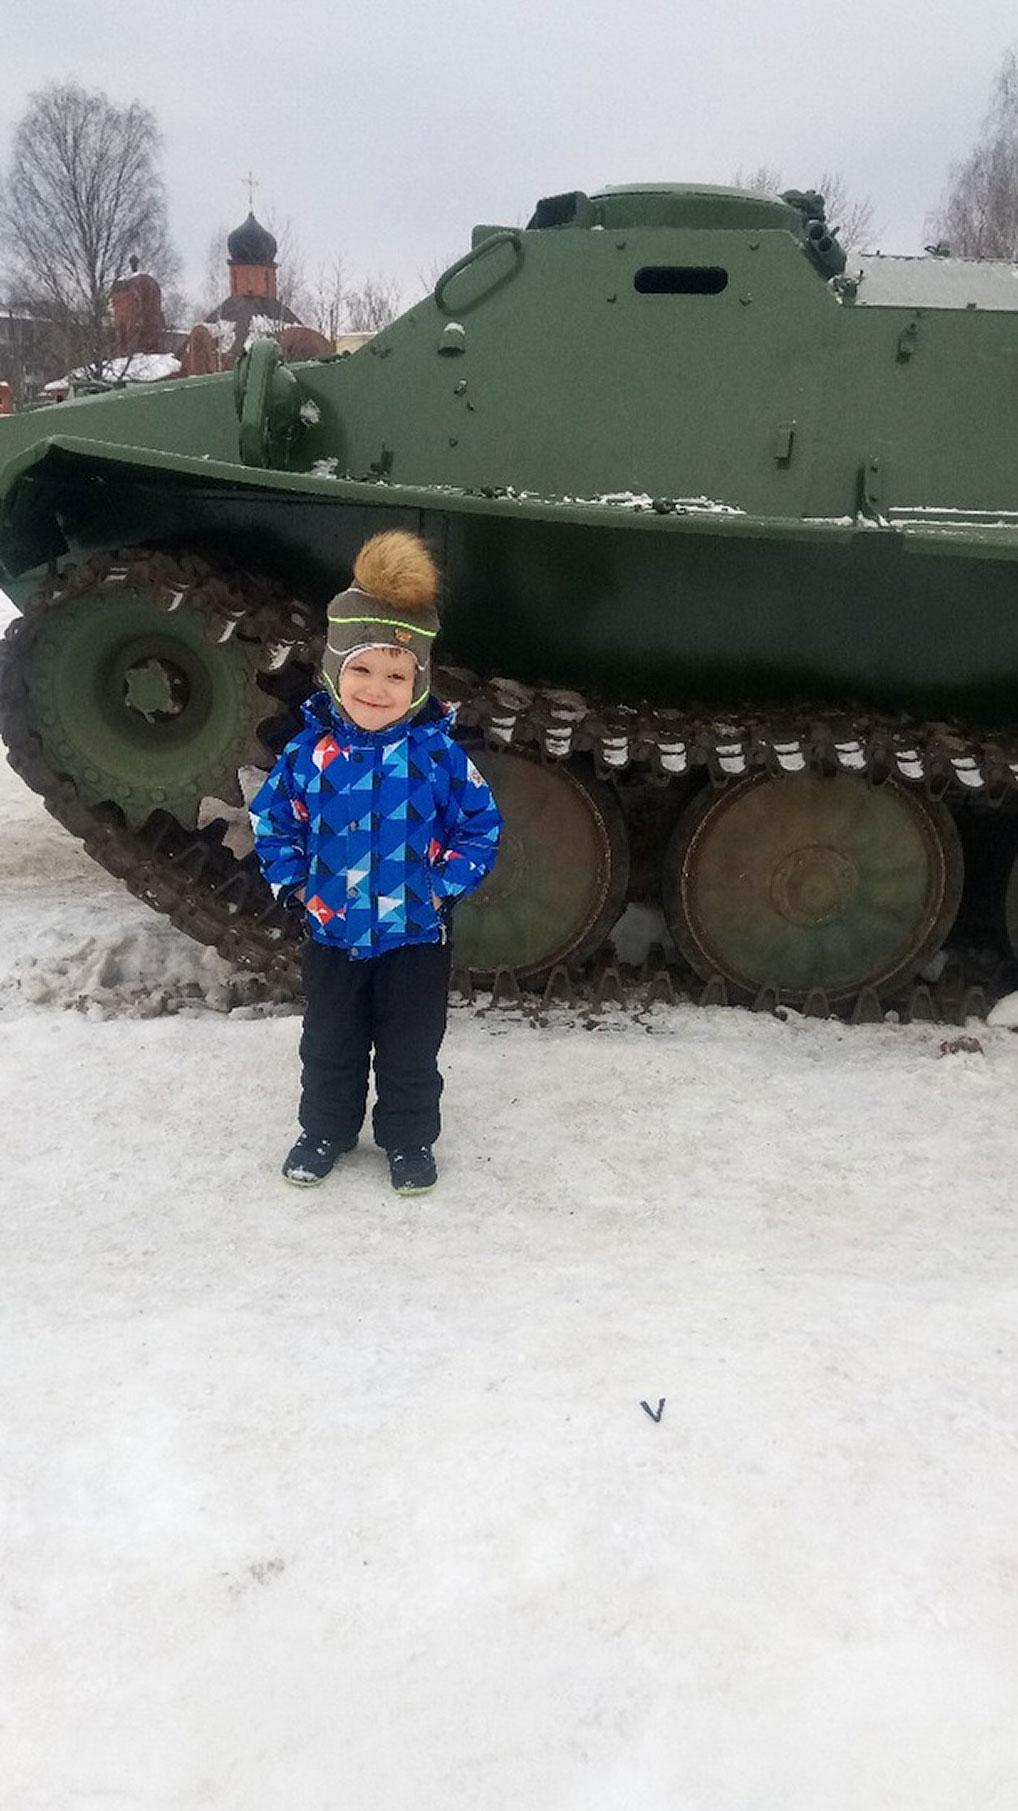 №4 Счастливый будущий танкист.  Автор: Юлия Бушенева